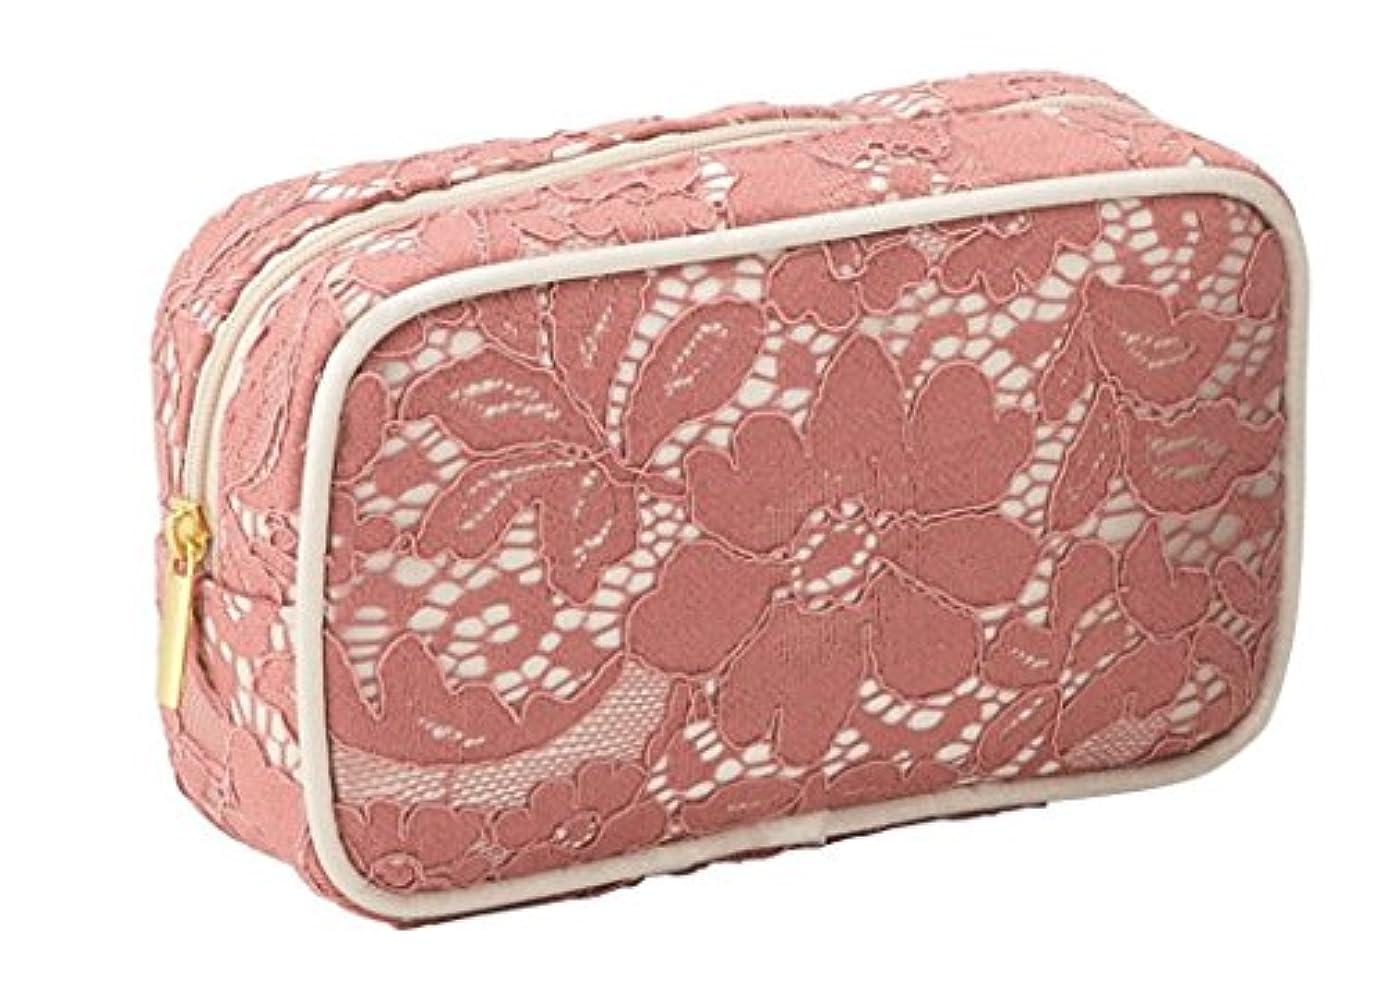 協力的座標ツインエレガントなレース仕様 ボックス型 化粧ポーチ コスメポーチ メイクグッズの収納 (ピンク)